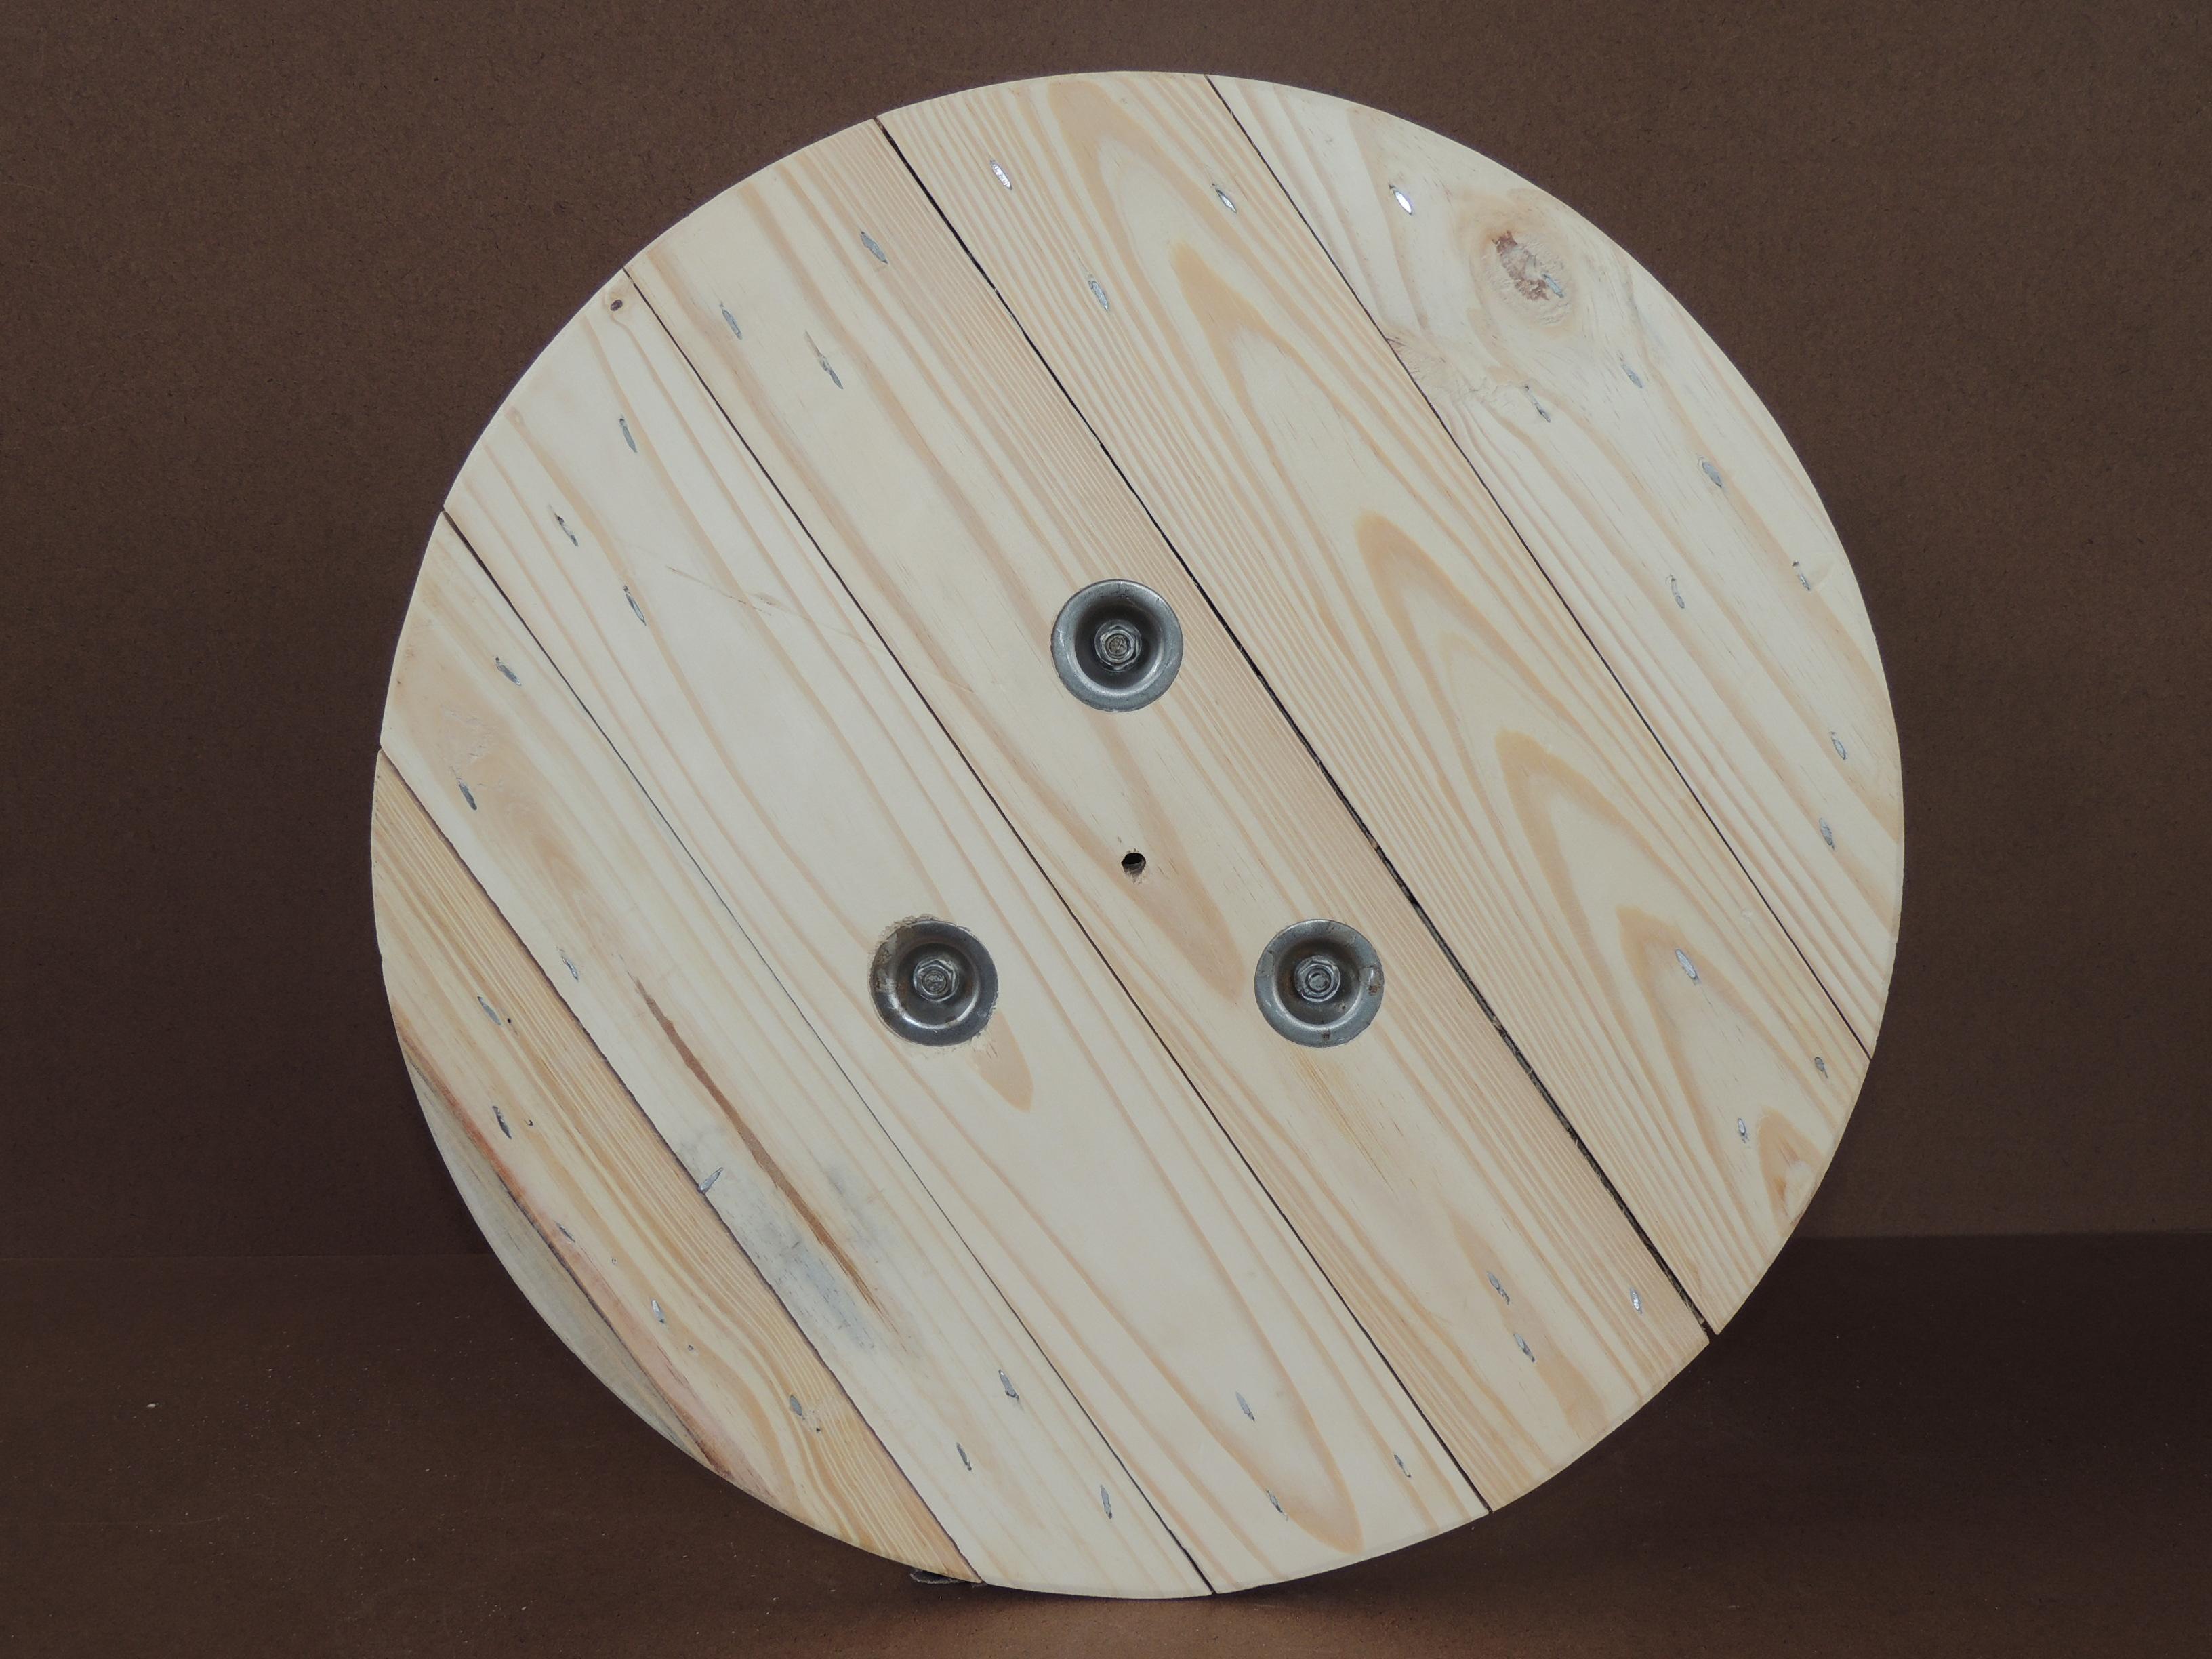 de madeira sob medida novo rustica carretel de madeira sob medida  #3E2D27 3264x2448